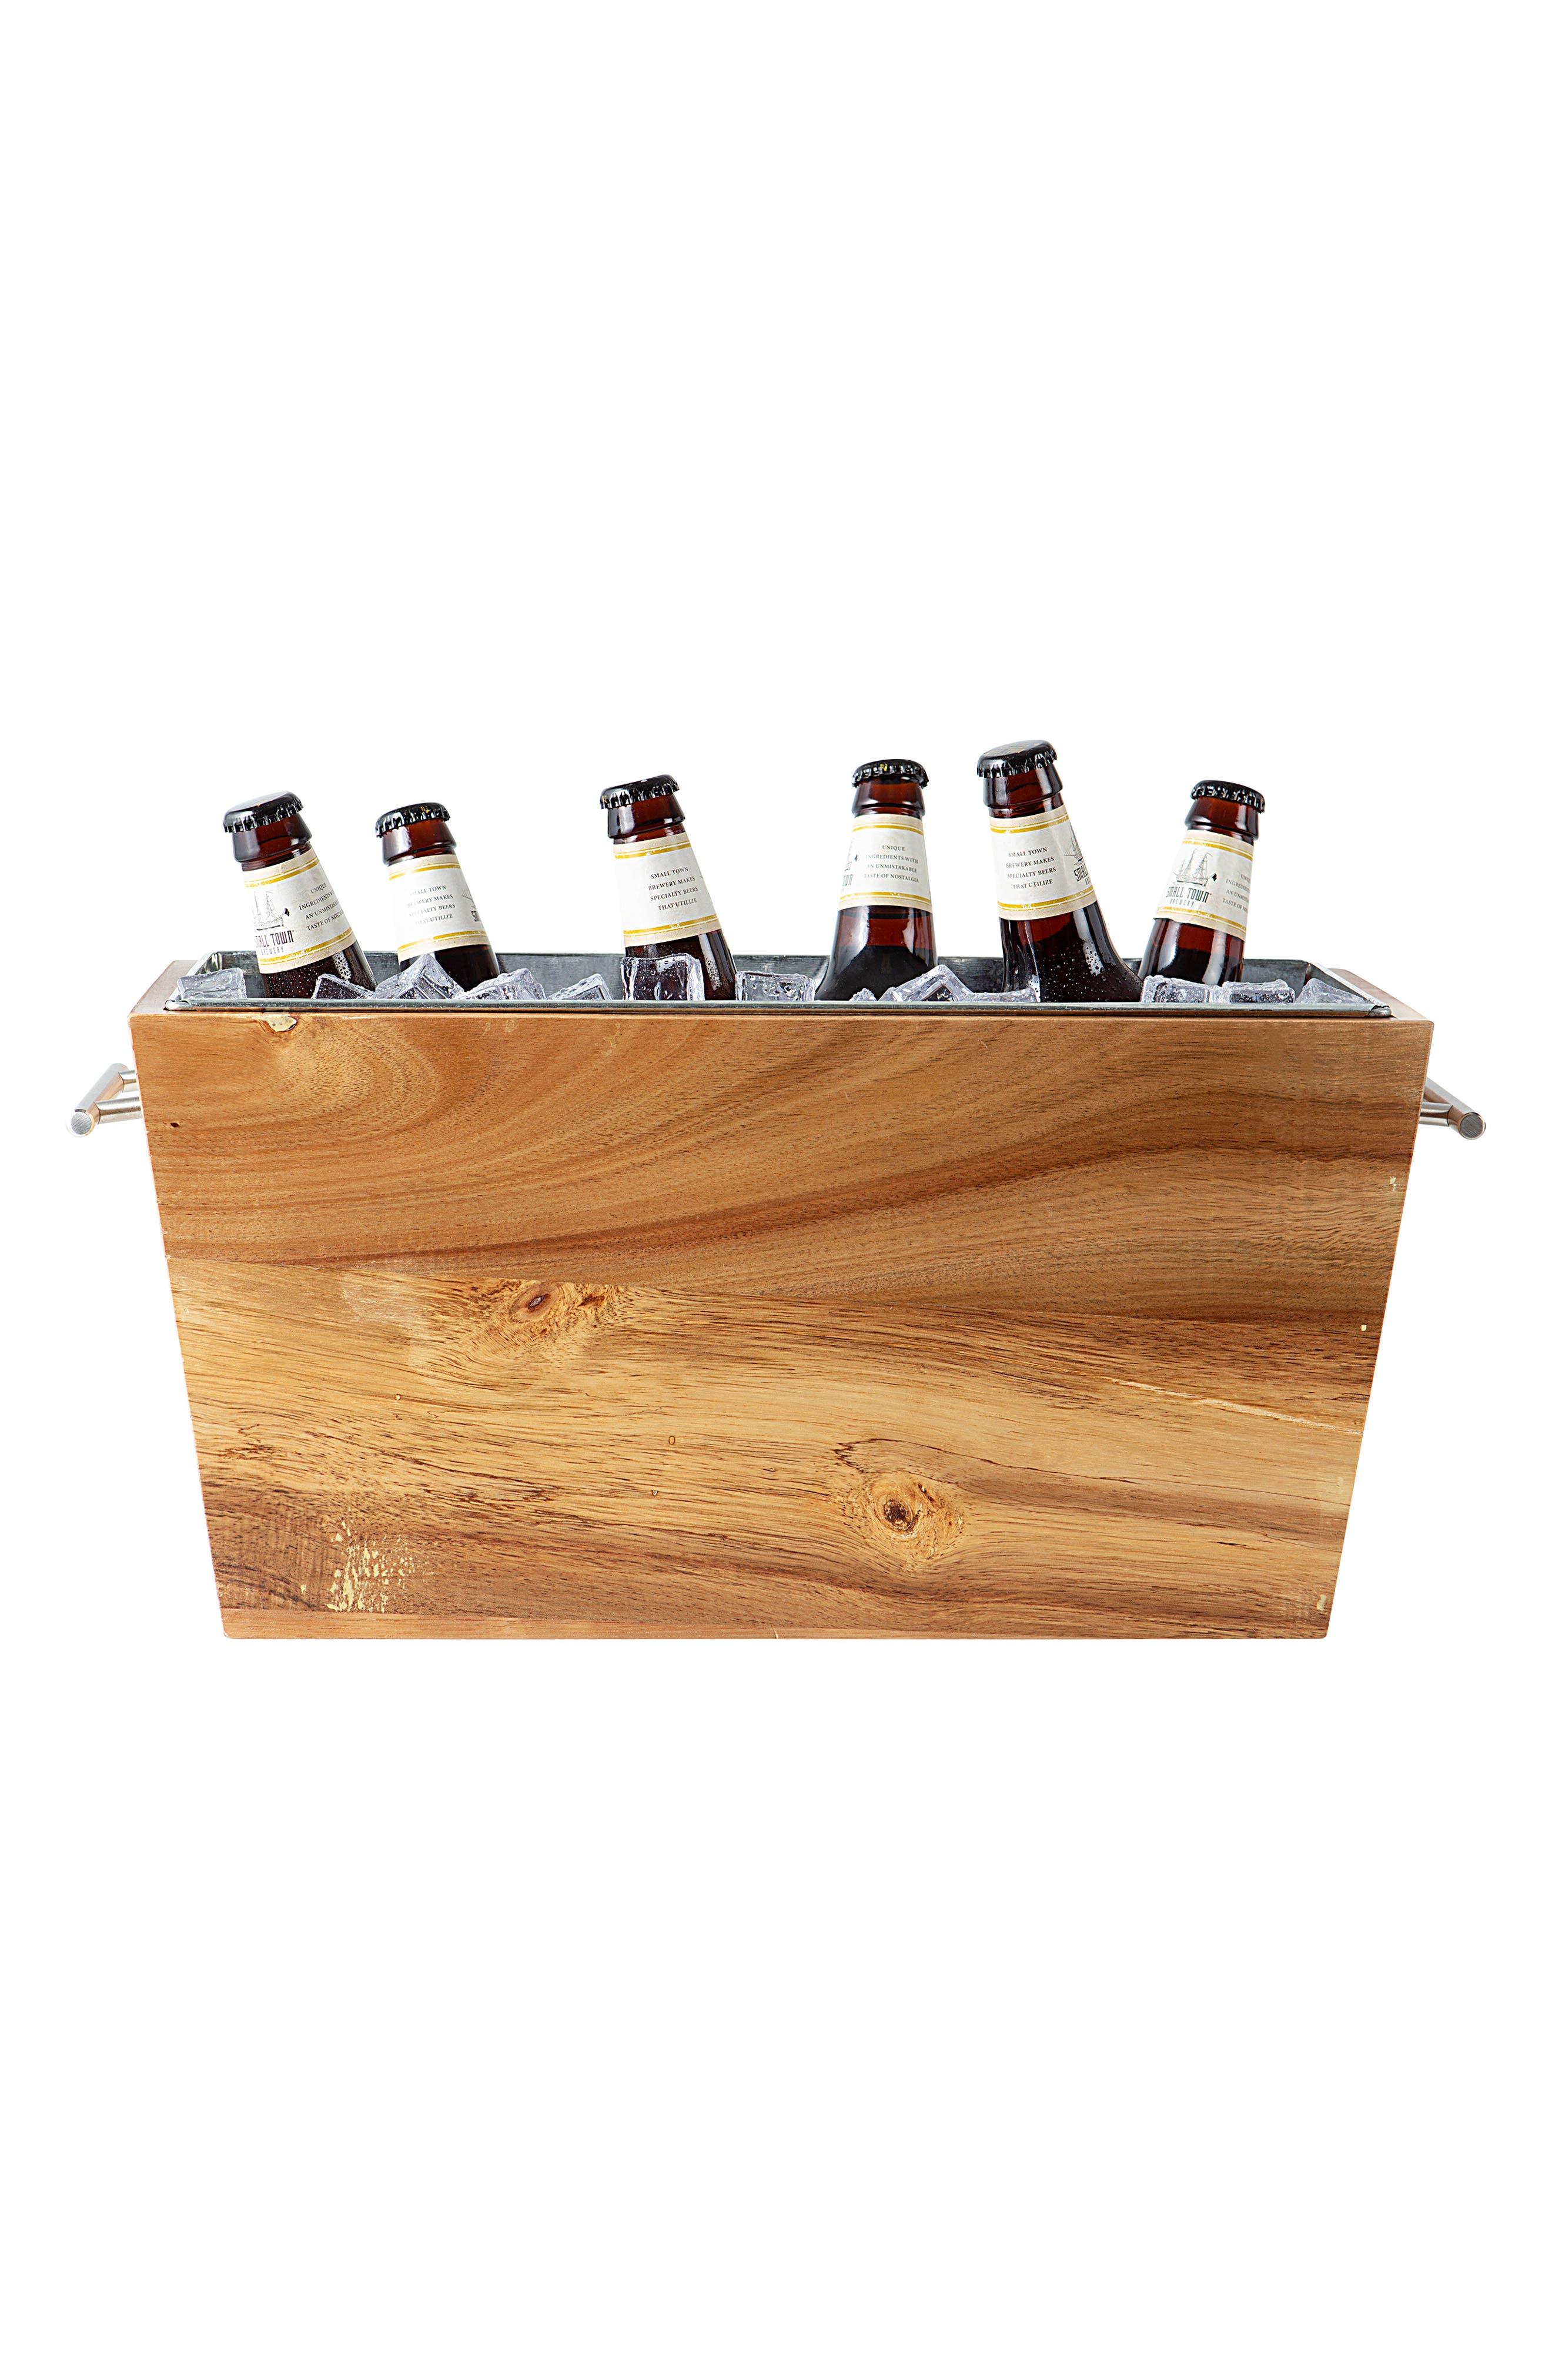 Monogram Wood Wine Trough,                         Main,                         color, BROWN